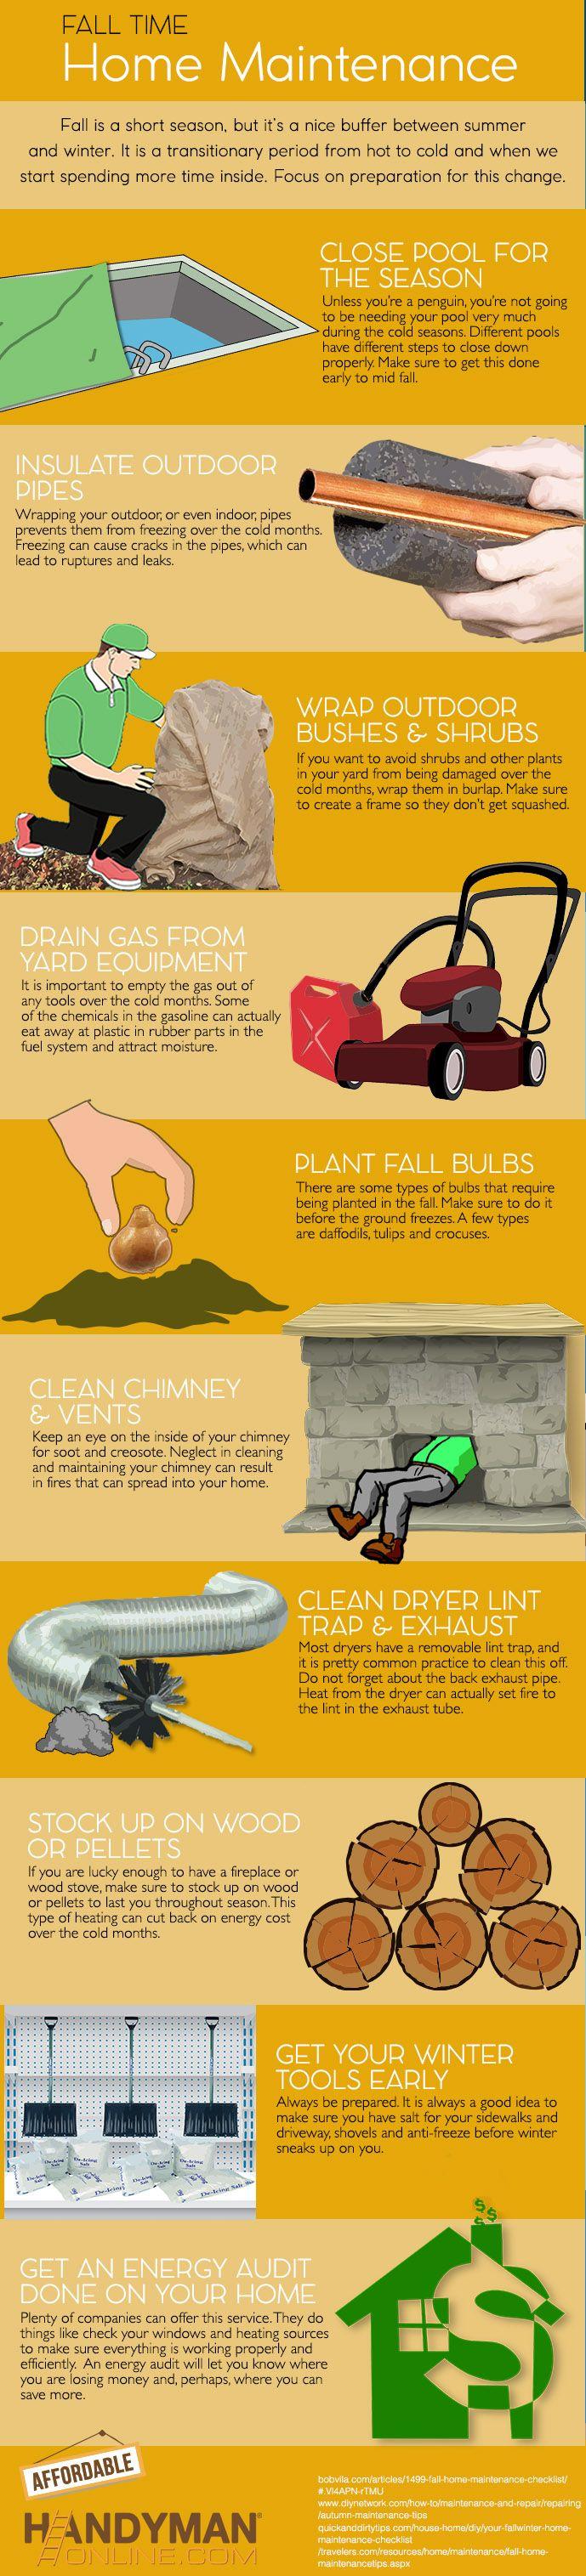 Best 25+ Home maintenance checklist ideas on Pinterest